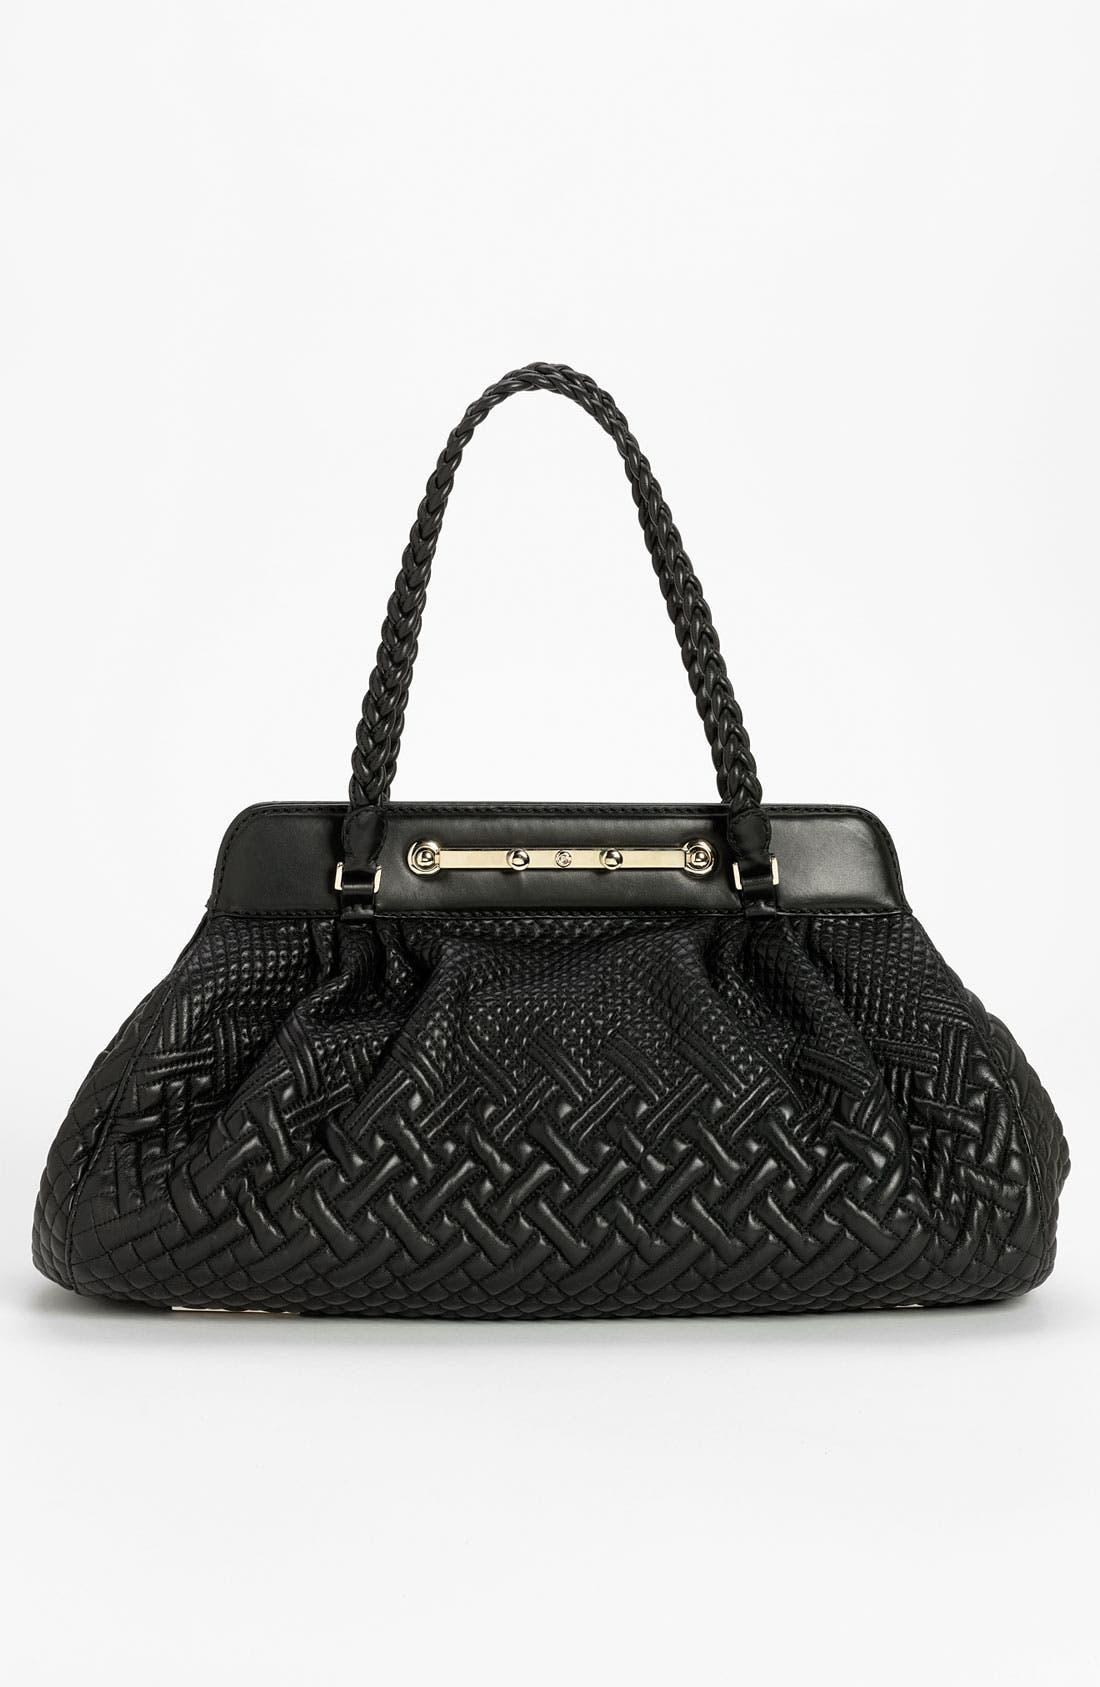 Alternate Image 1 Selected - Valentino 'Demetra' Leather Shoulder Bag